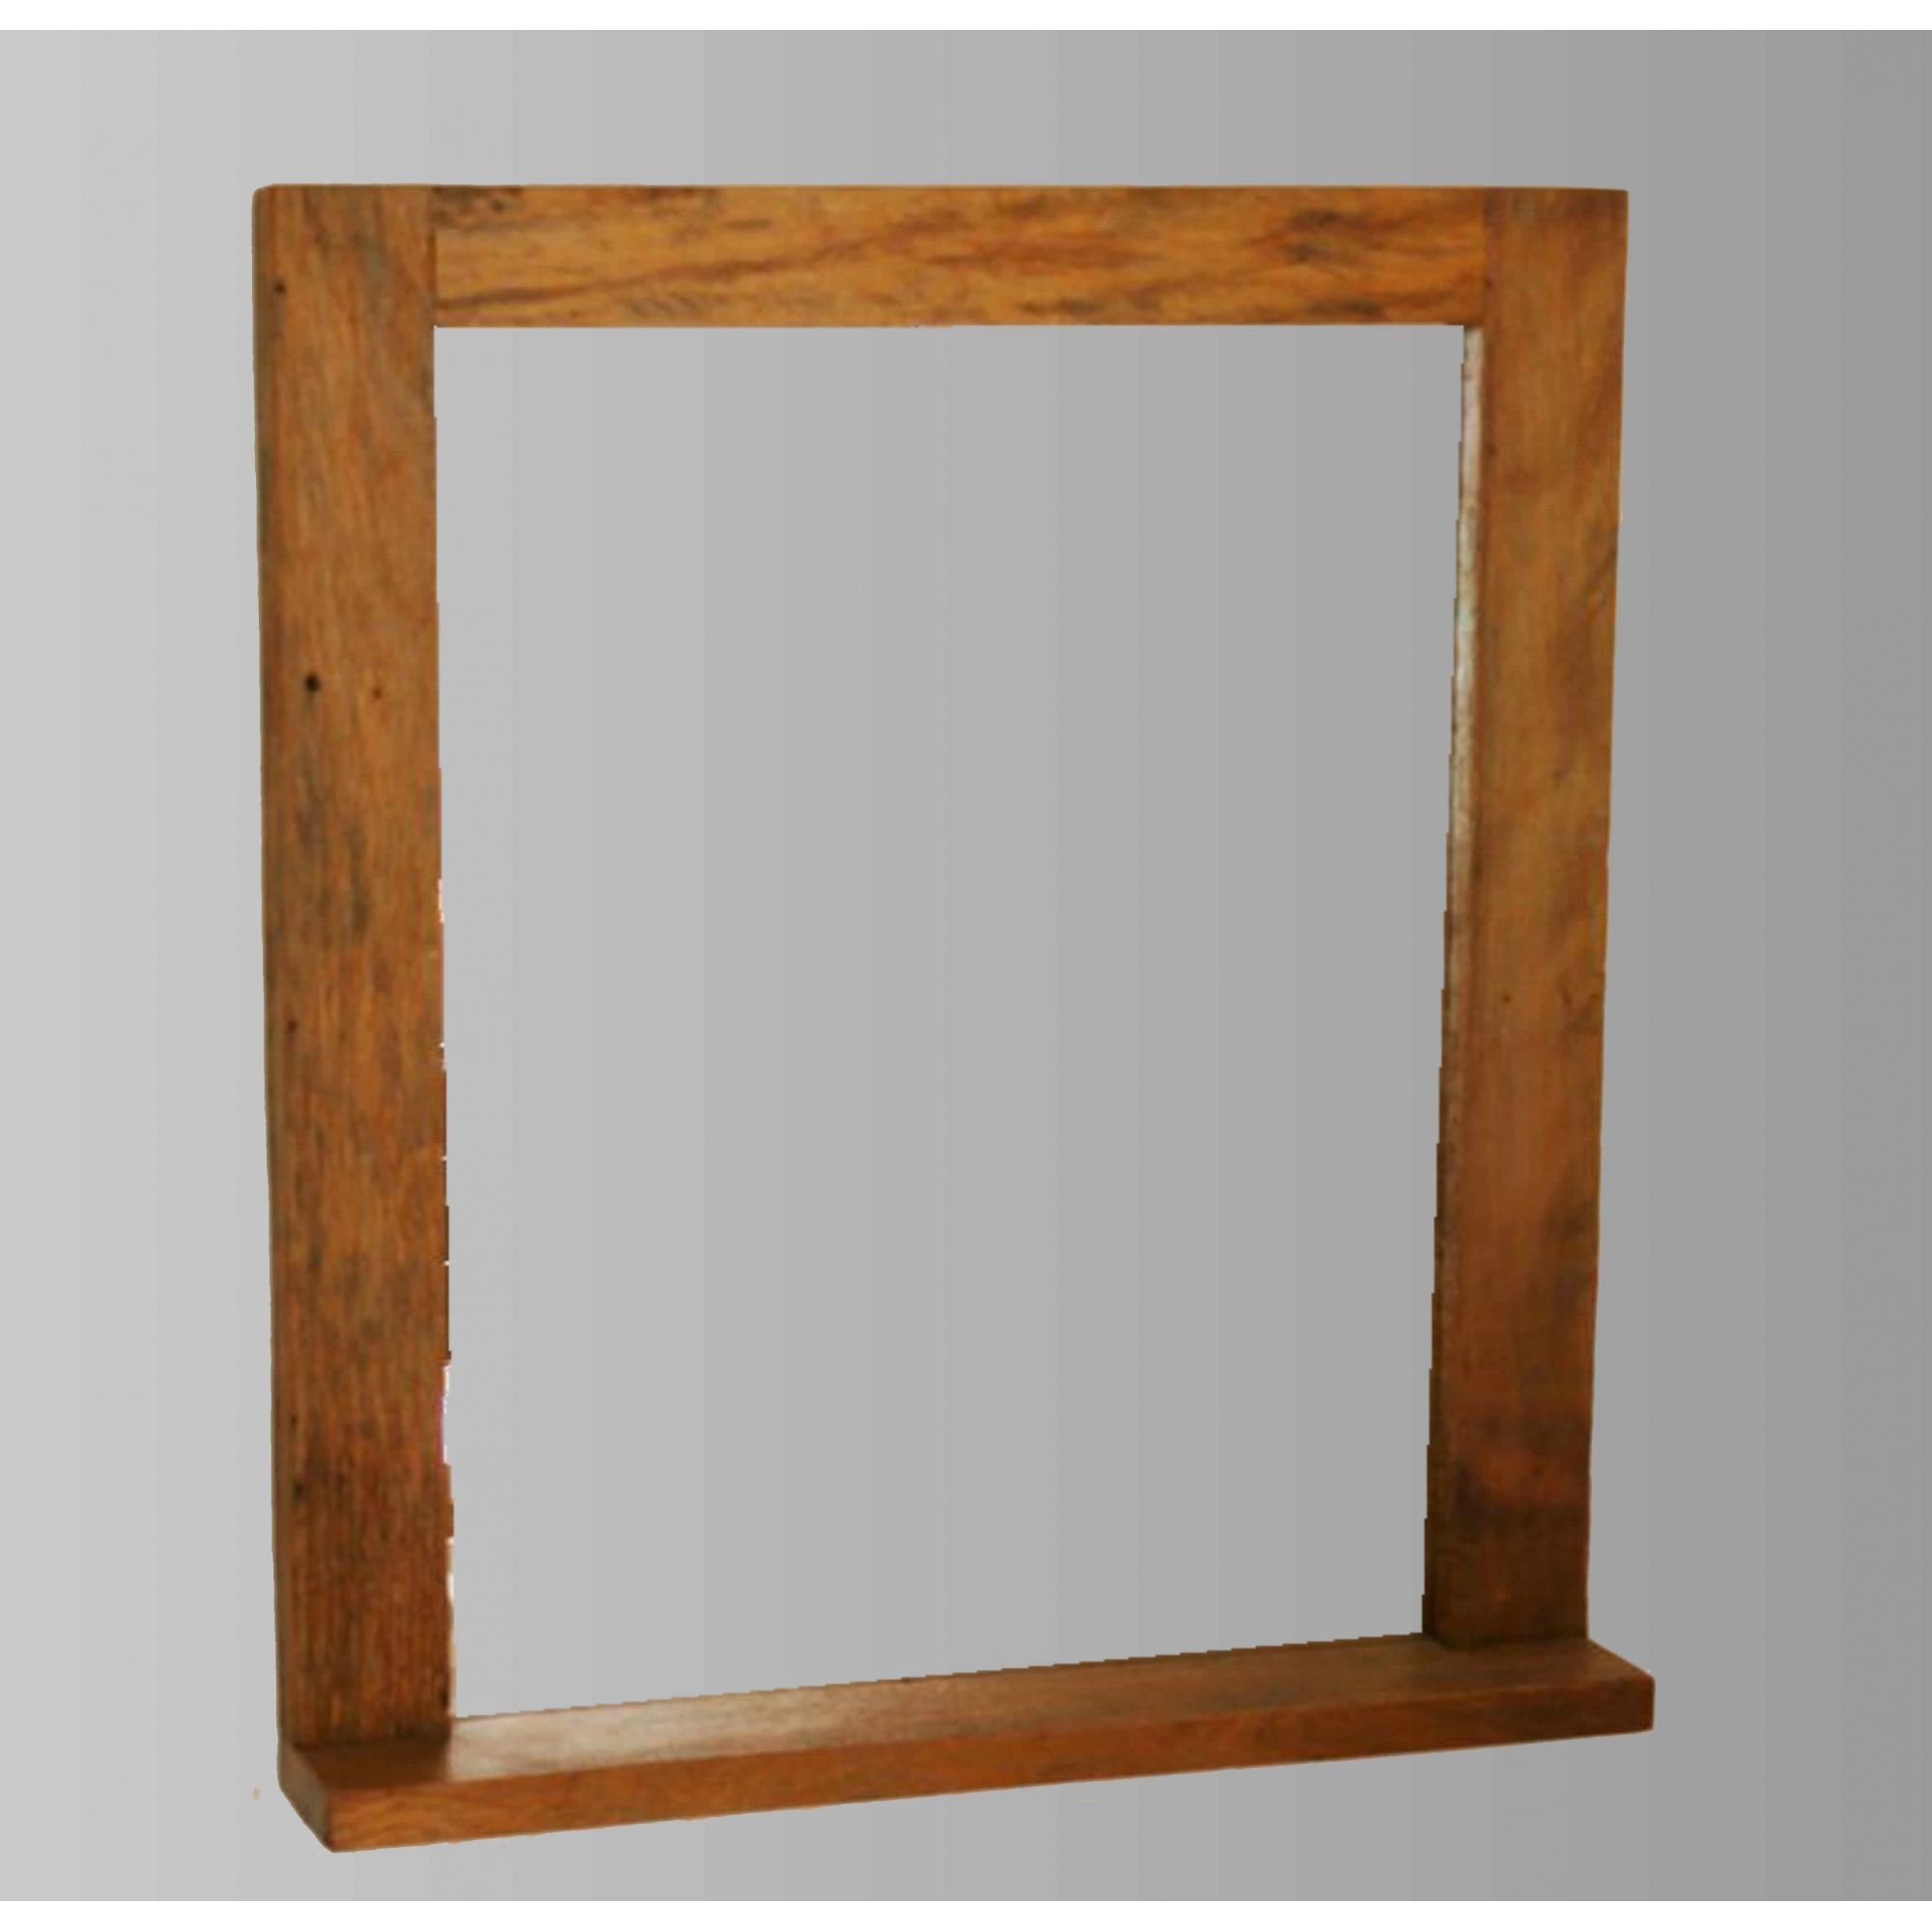 Moldura com prateleira Para Espelho Rústica Em Madeira De Demolição 1,00x80 Sem Espelho